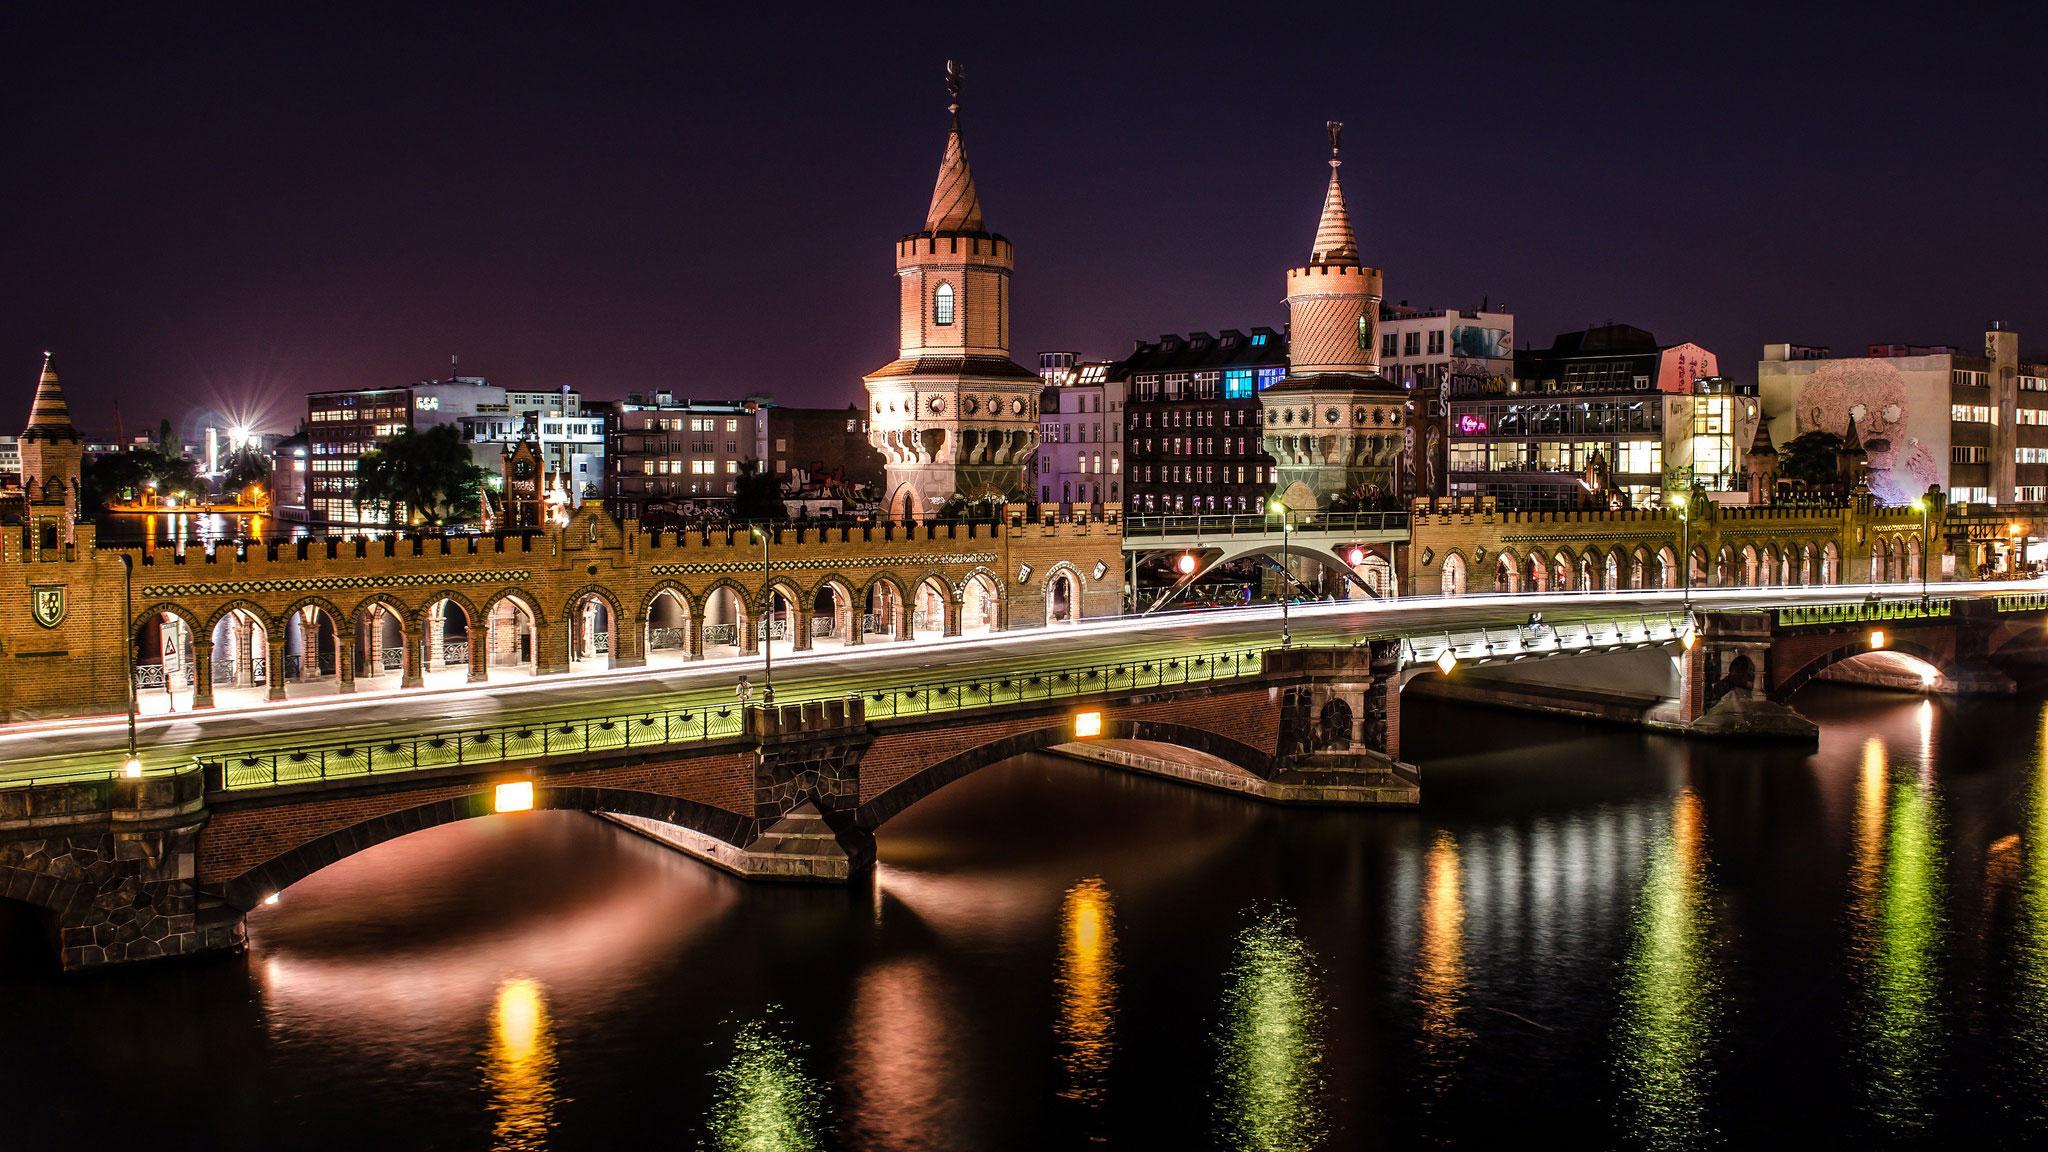 туры в мюнхен на 5 дней